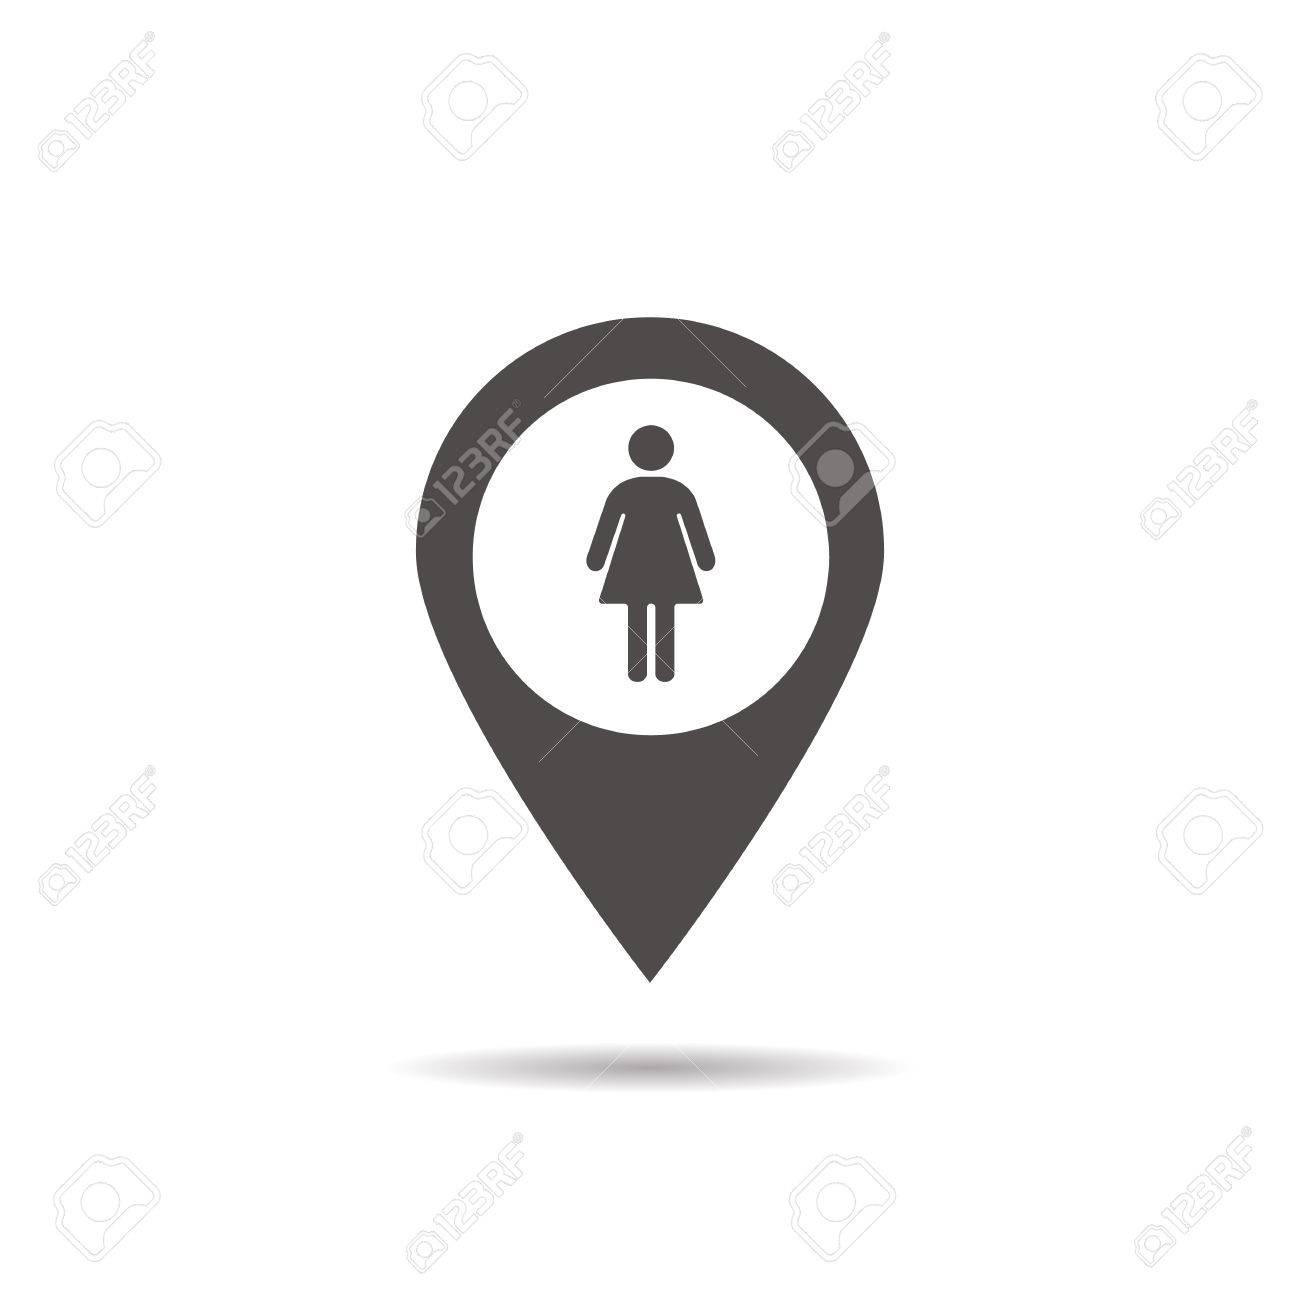 Icône De Localisation Des Femmes Wc Symbole De Silhouette De